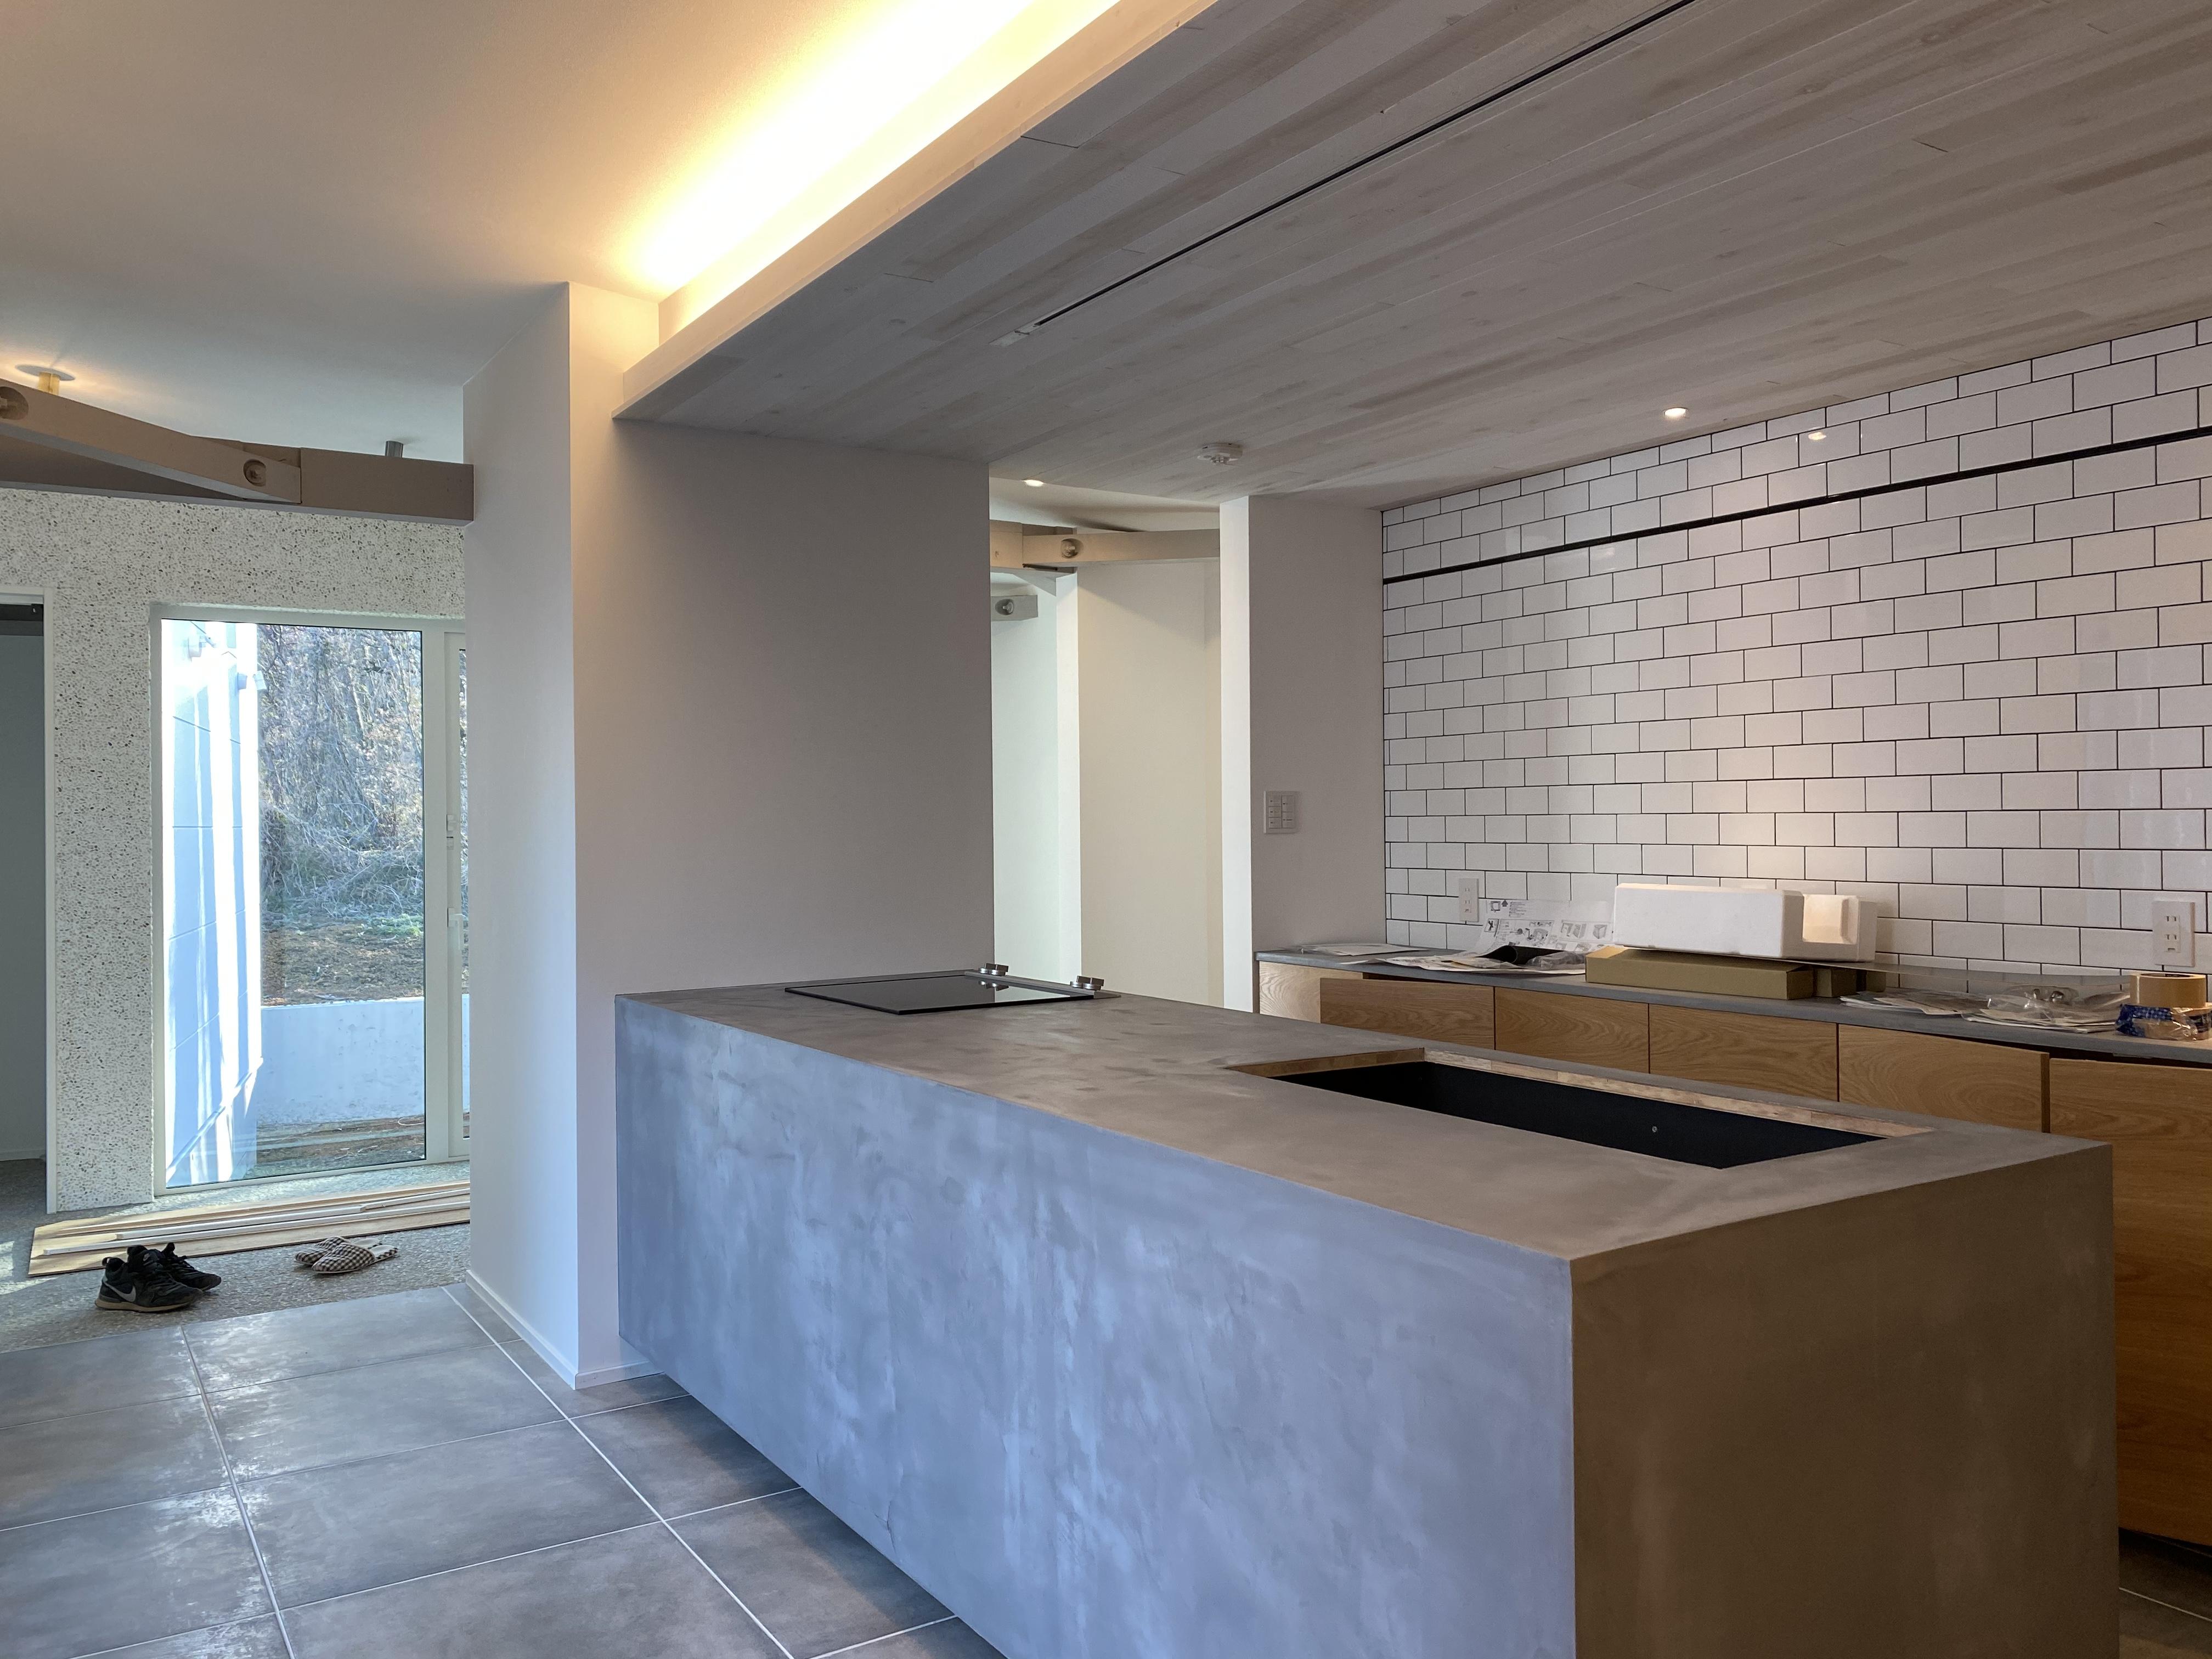 山梨県の工務店、未来建築工房とつくる注文住宅。|モデルハウスのキッチンのIHはガゲナウ/GAGGENAU